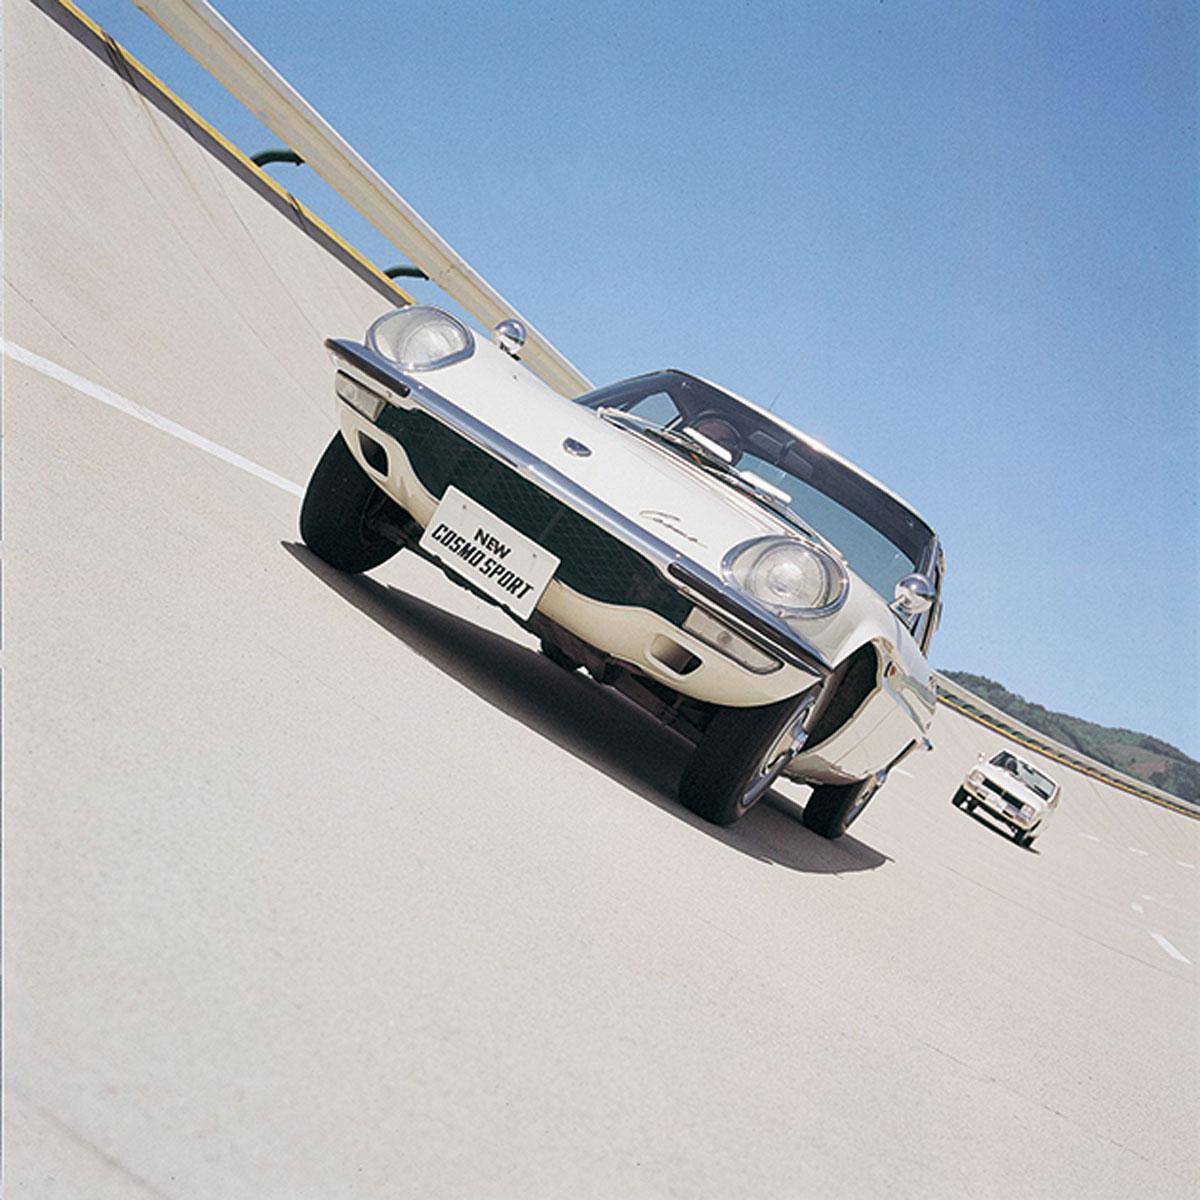 #33. Mazda Como, Wankelmotor, Coupé